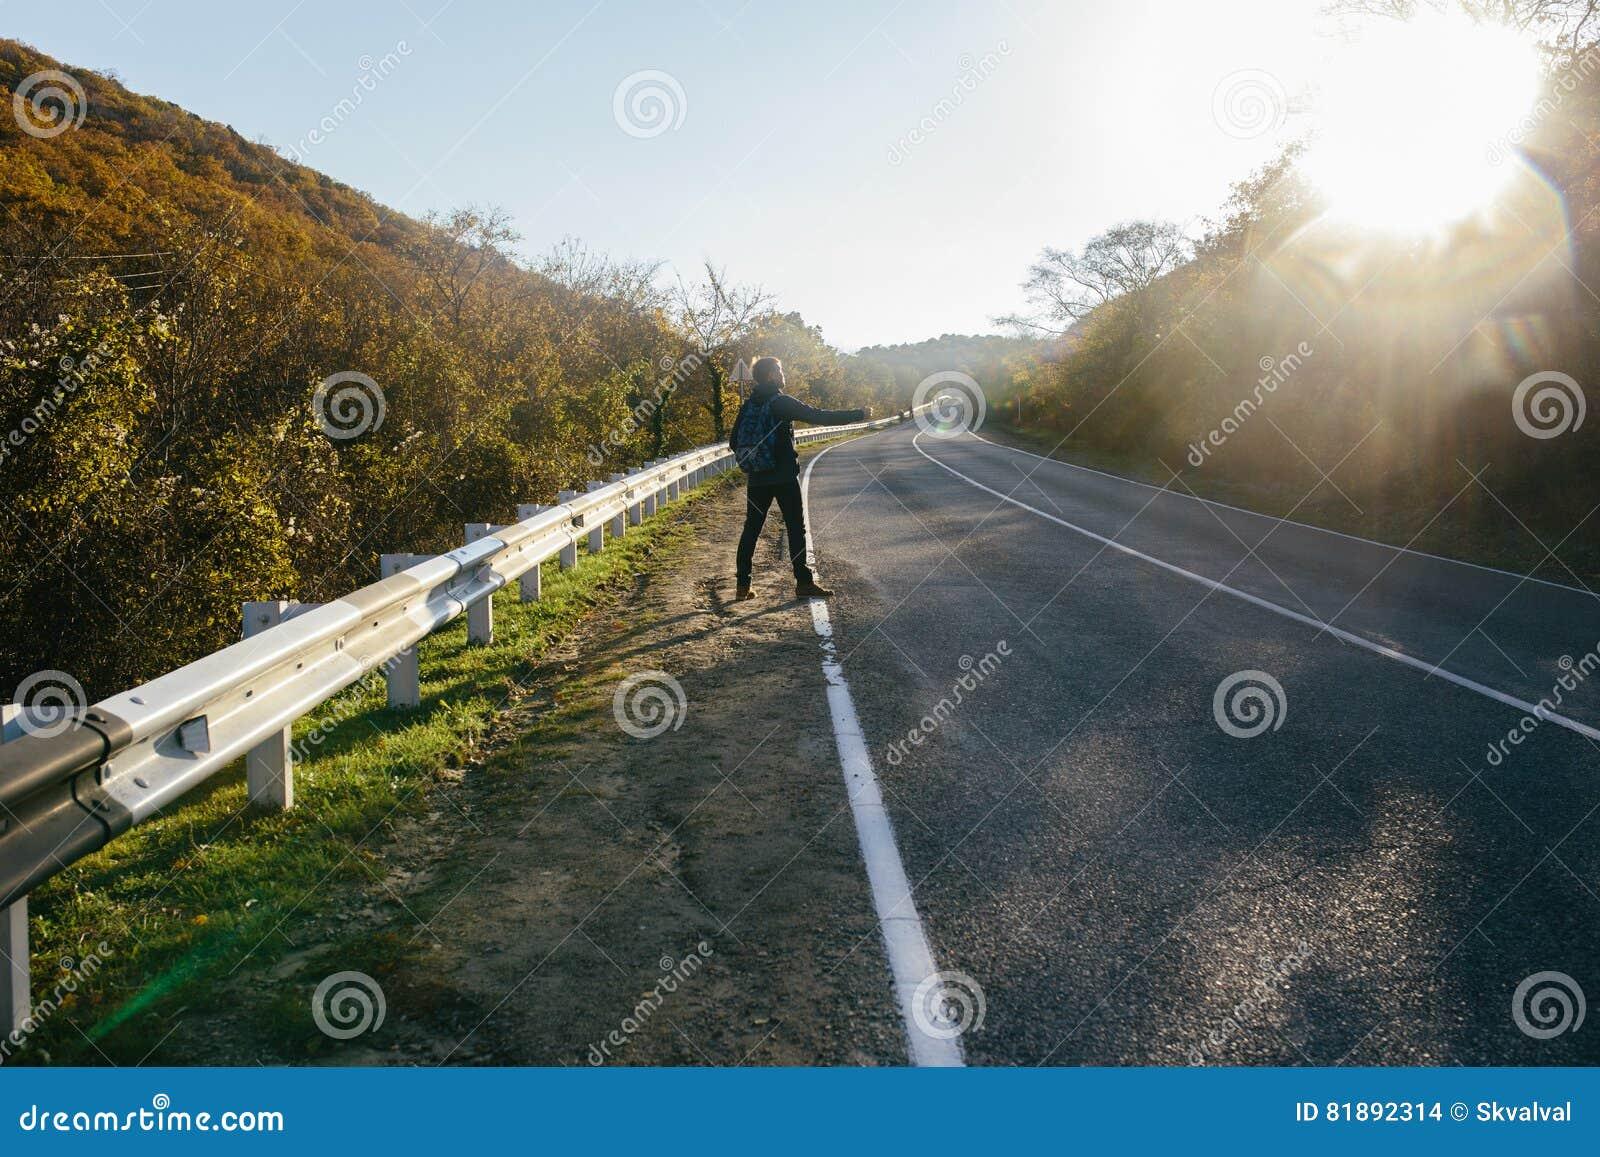 Άτομο που κάνει ωτοστόπ σε μια εθνική οδό Ταξιδιώτης που παρουσιάζει αντίχειρα επάνω επάνω για να κάνει ωτοστόπ κατά τη διάρκεια